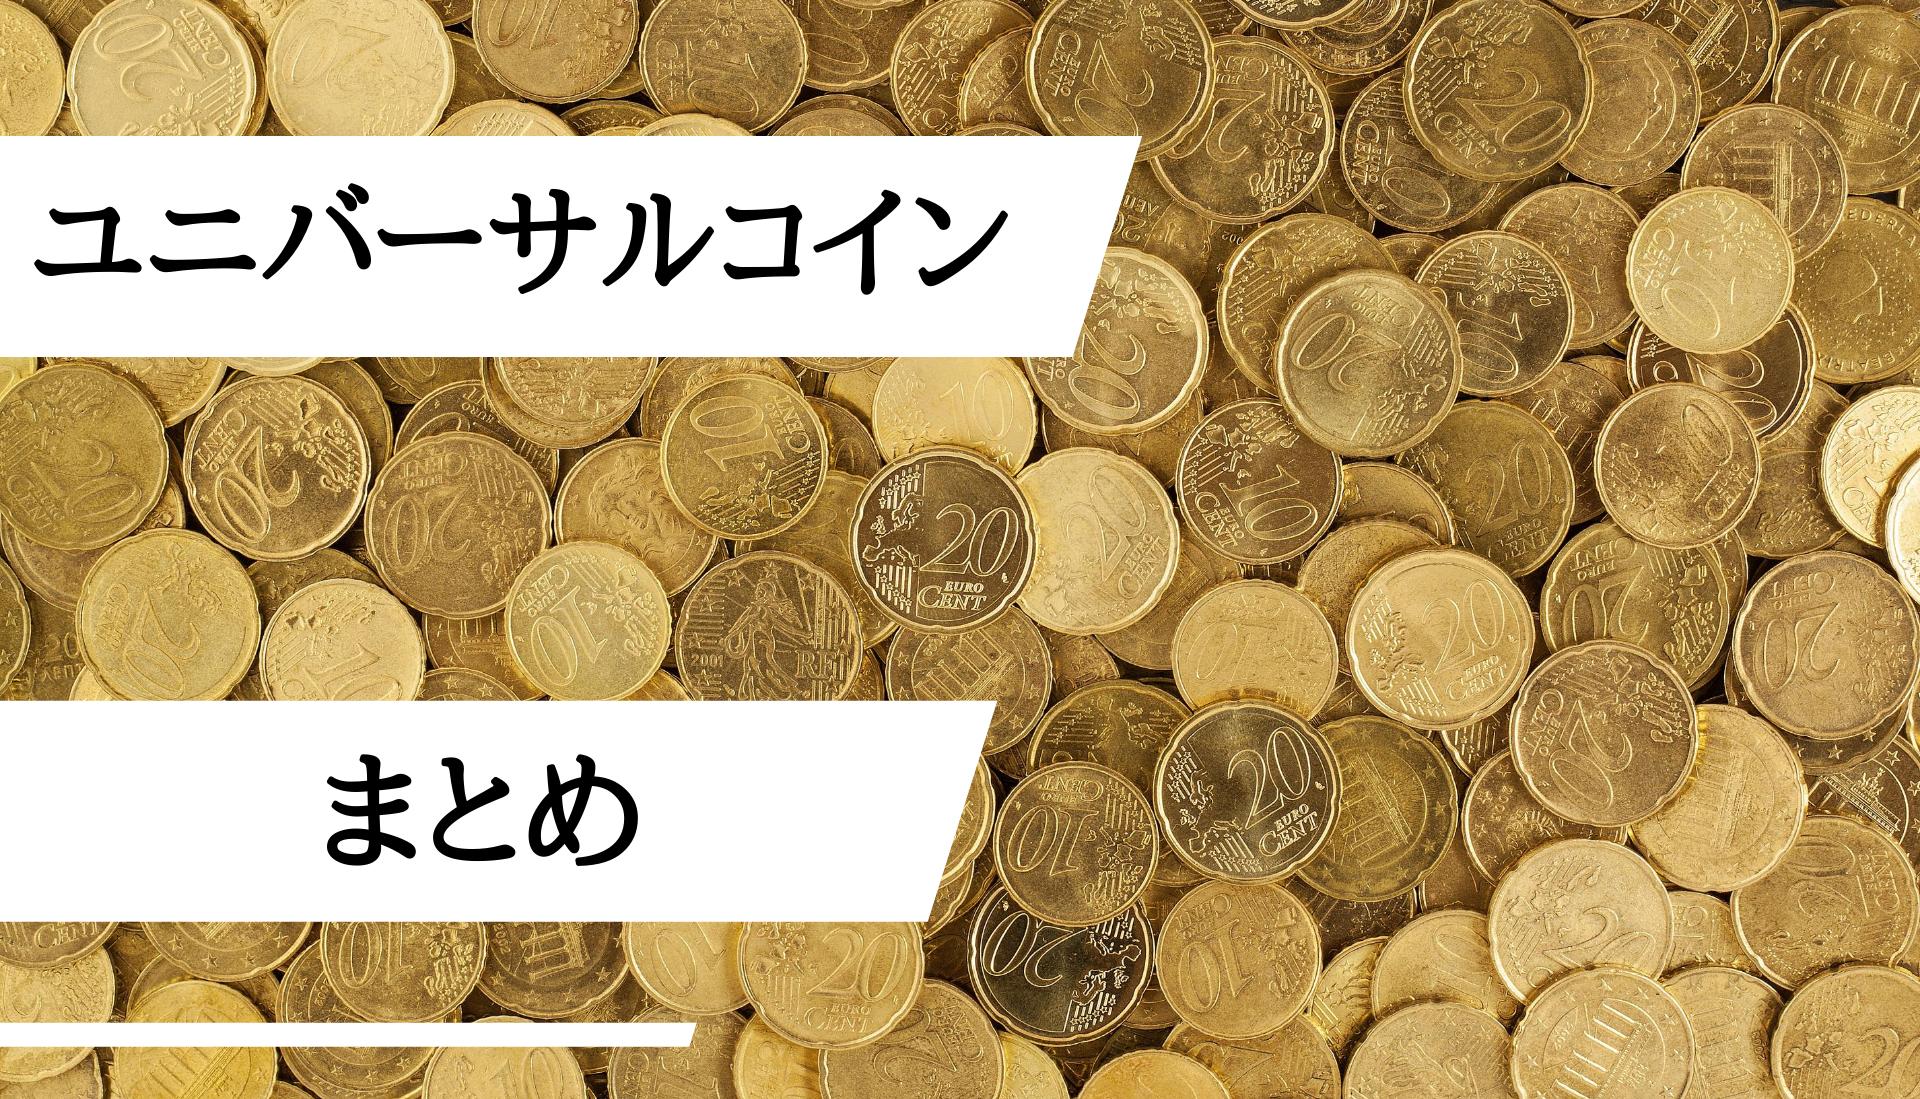 ユニバーサルコイン評判_まとめ